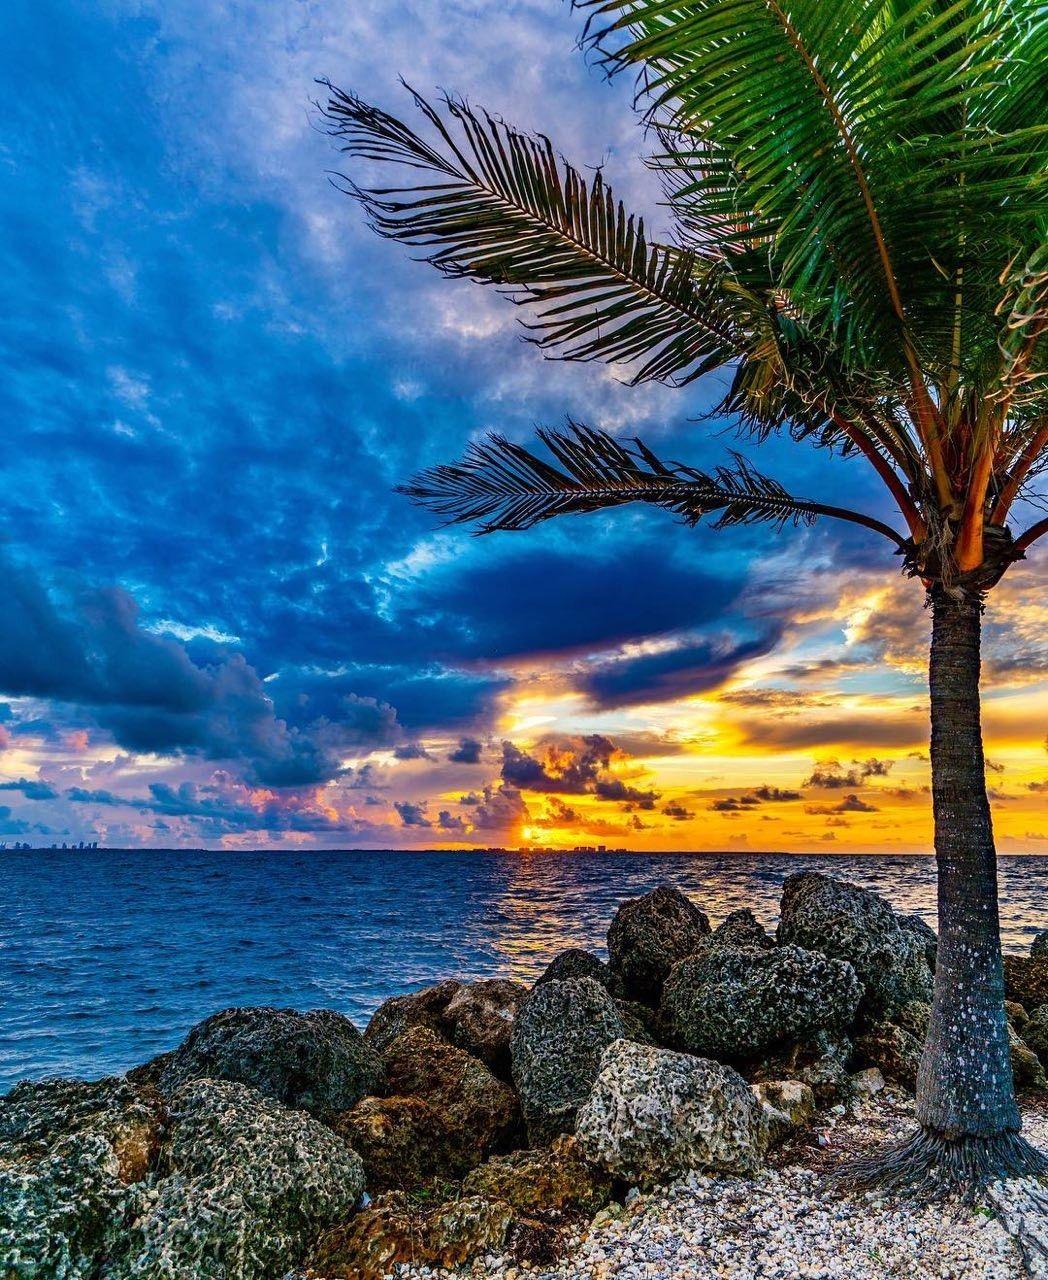 سحر الطبيعة Amazing Nature Nature Sunrise Sunset